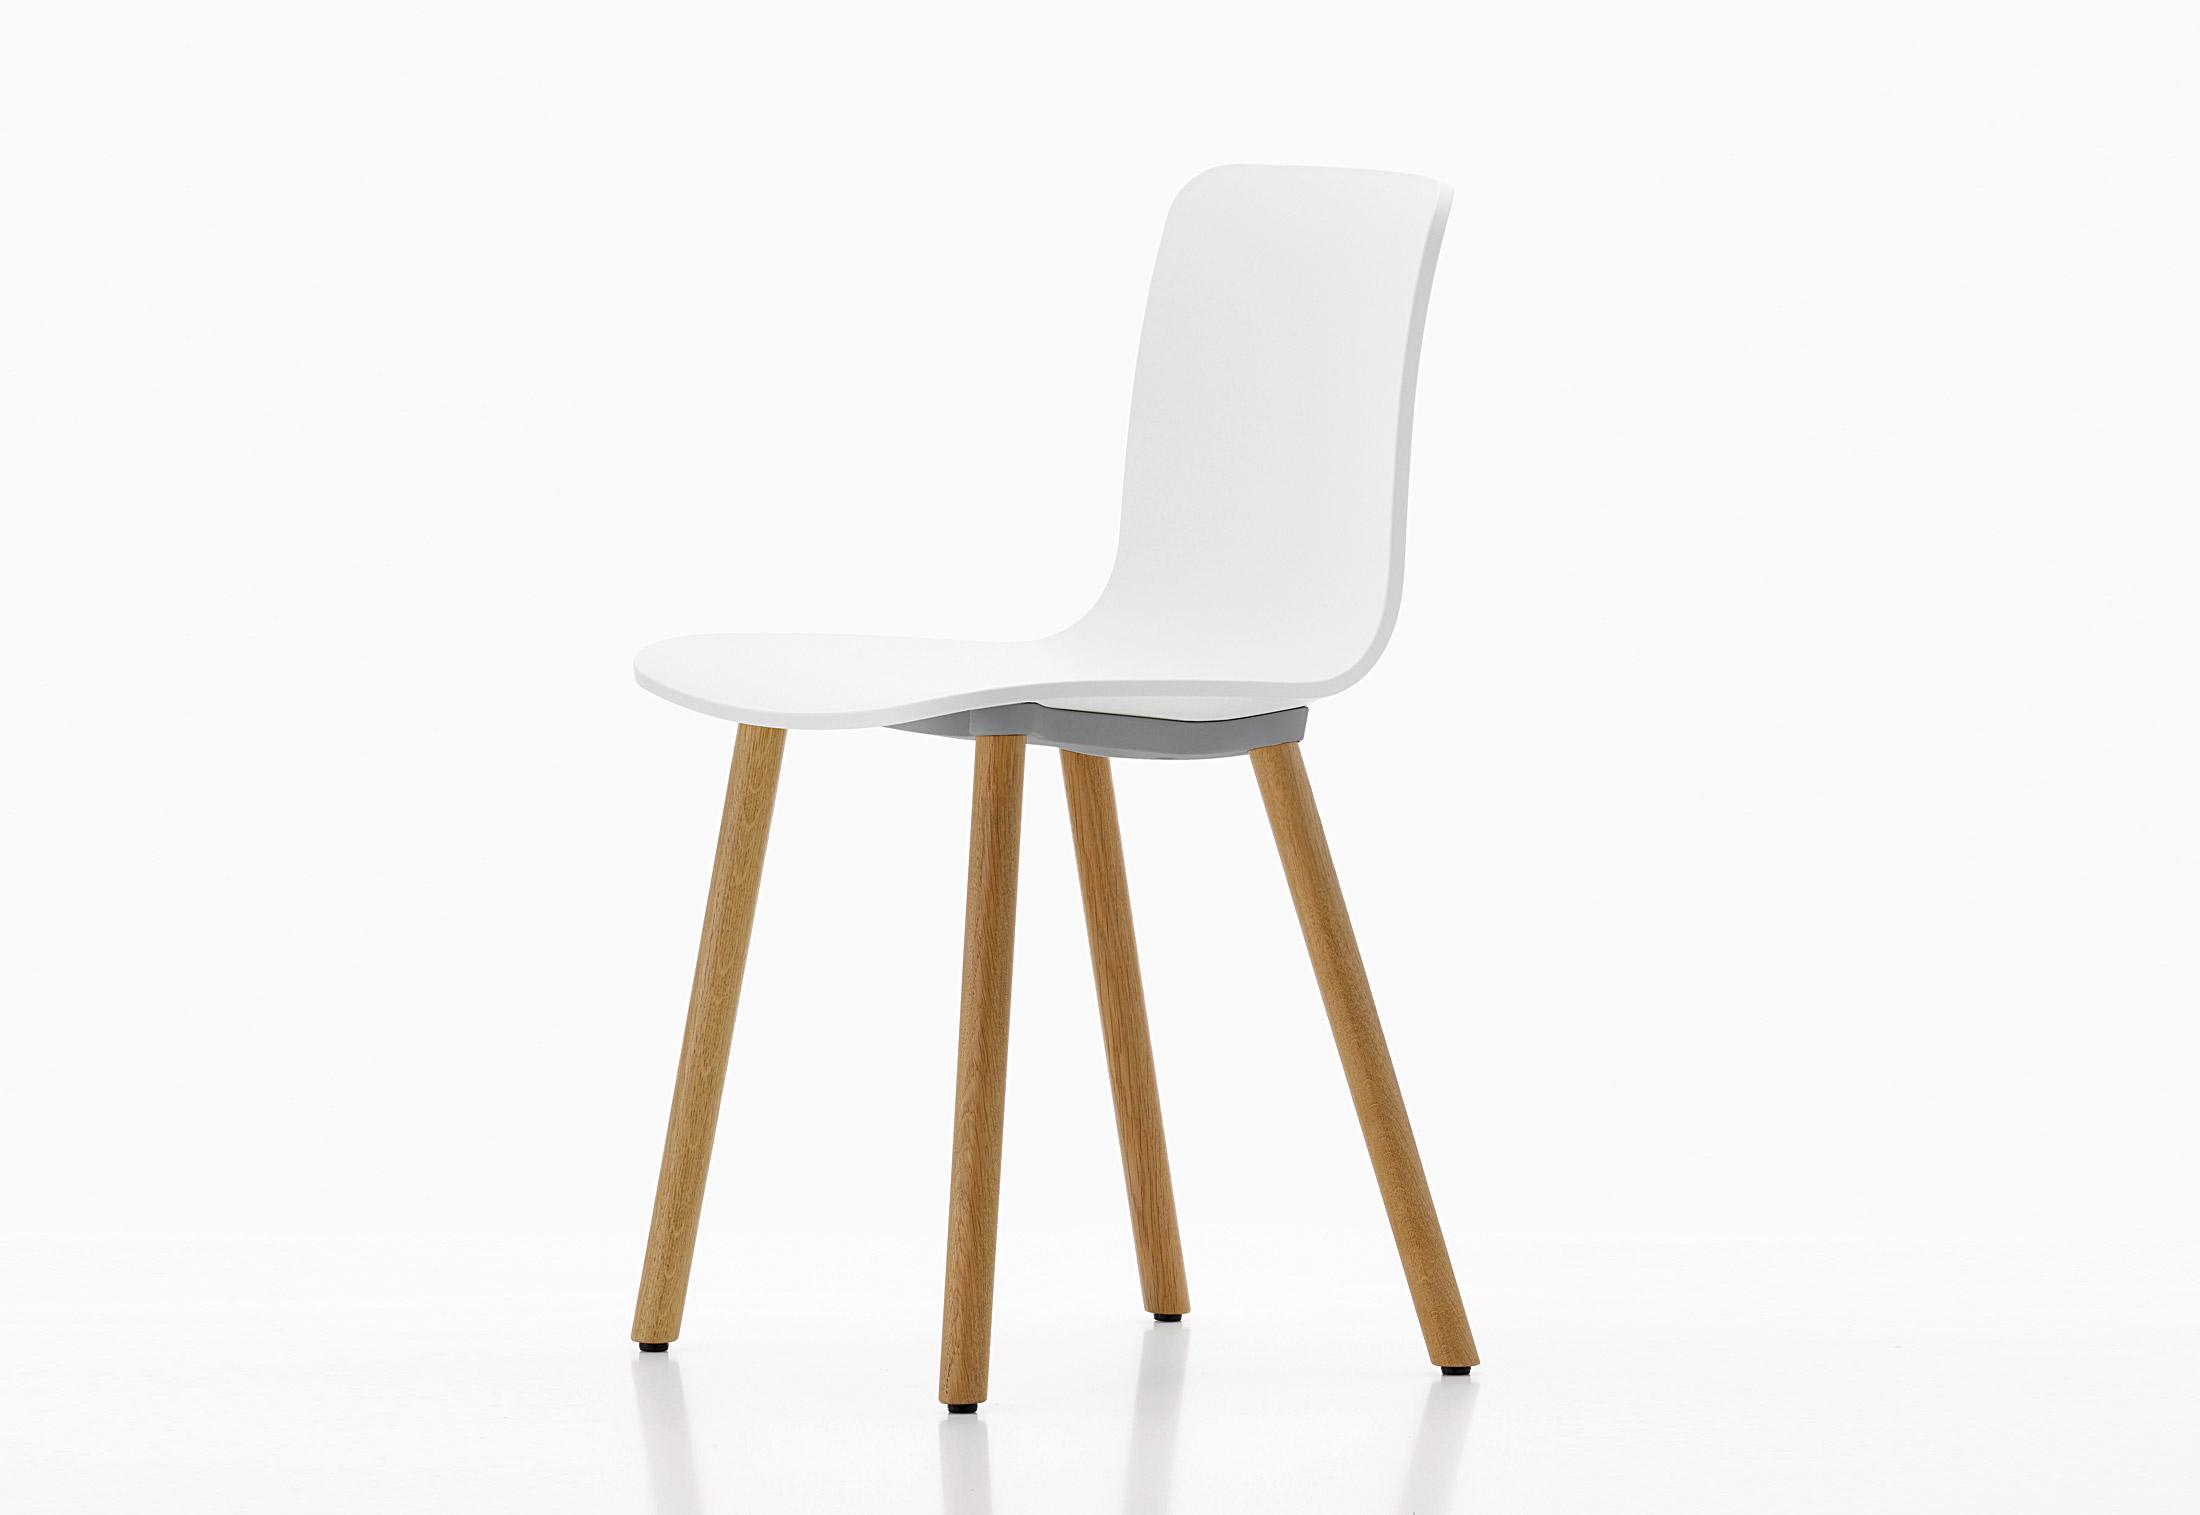 Hal di vitra sedie poltroncine arredamento mollura for Sedie design vitra